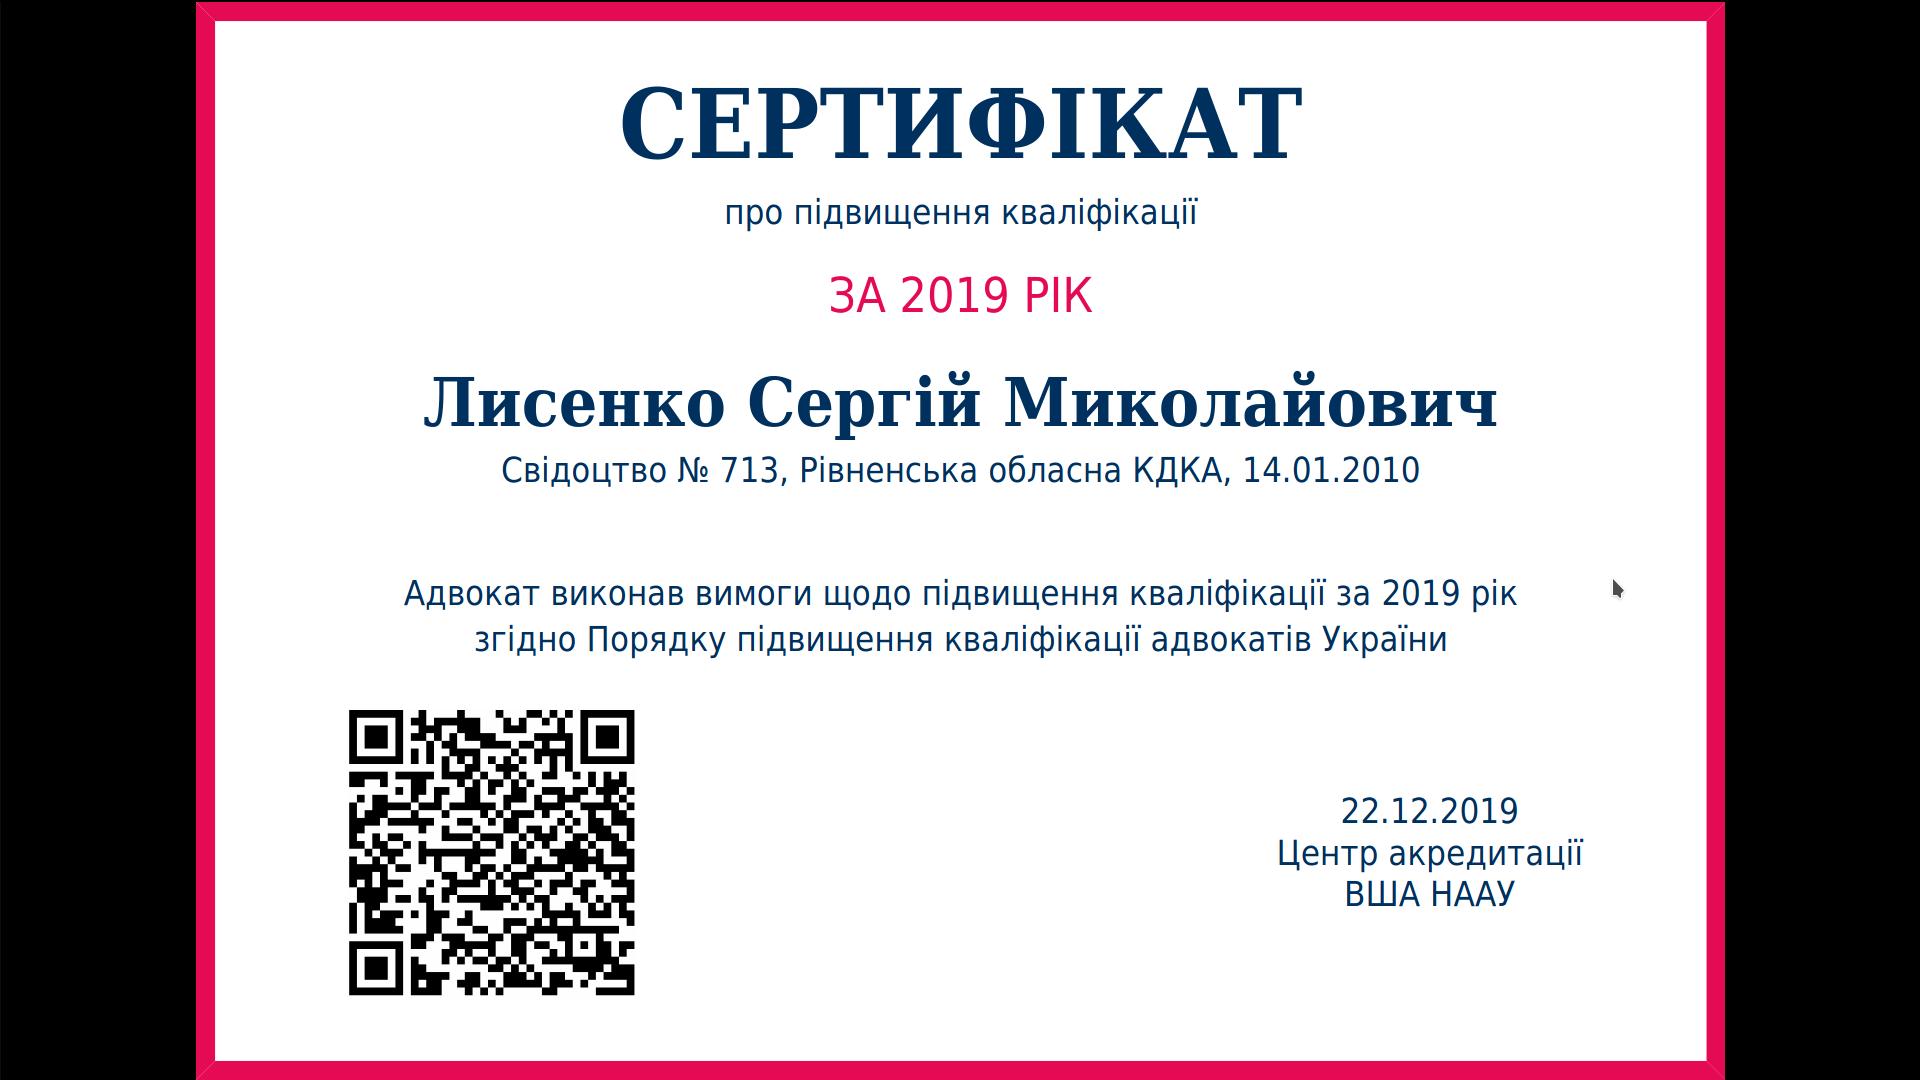 Сертифікат про підвищення кваліфікації